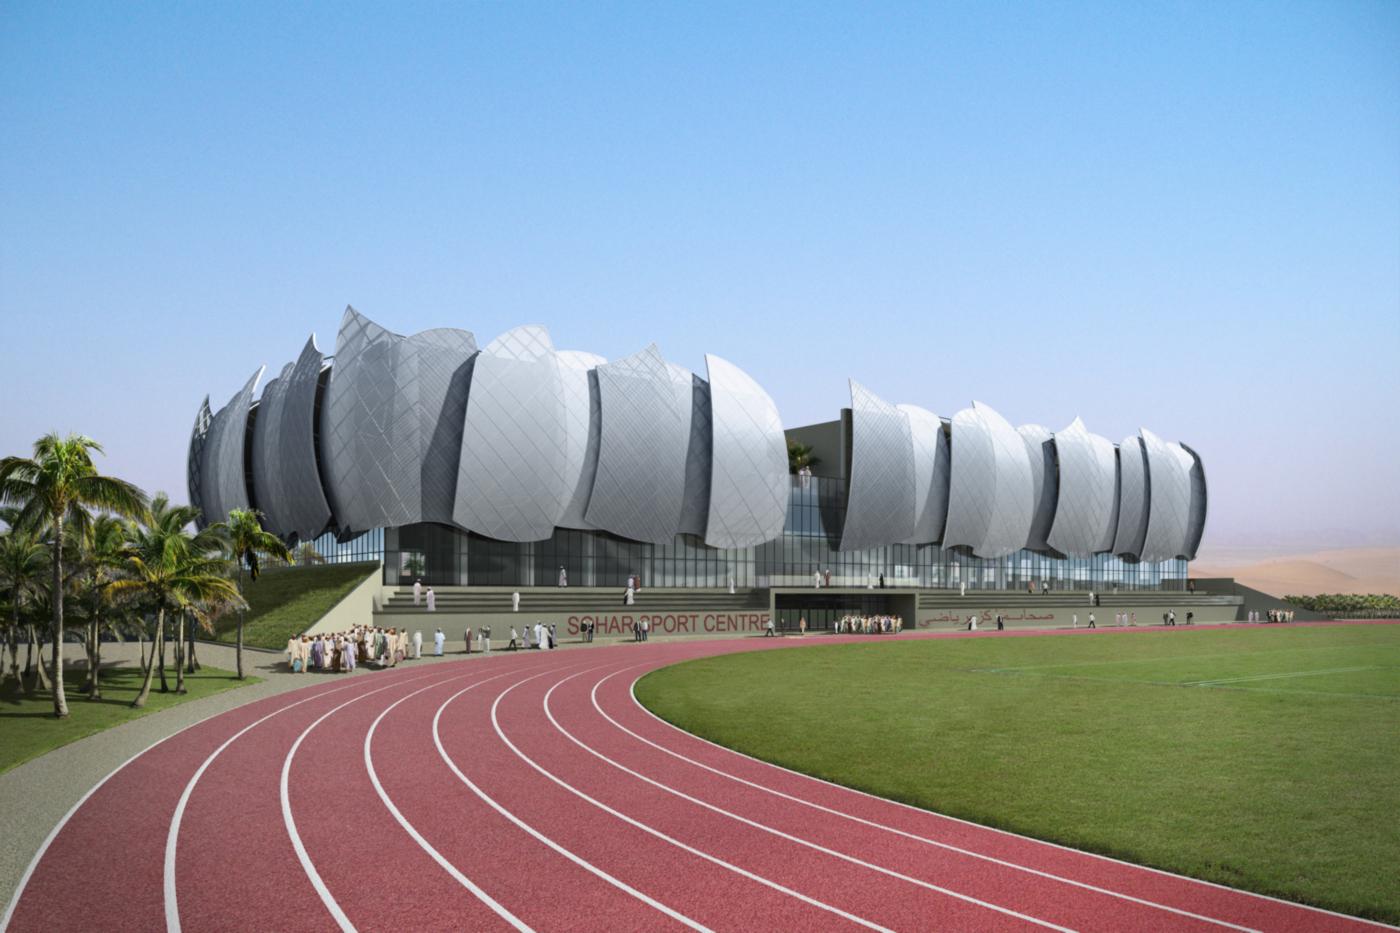 Il nuovo centro sportivo della Sohar University, in Oman, con le sue iconiche vele   project management   vista diurna   Bottega di Architettura